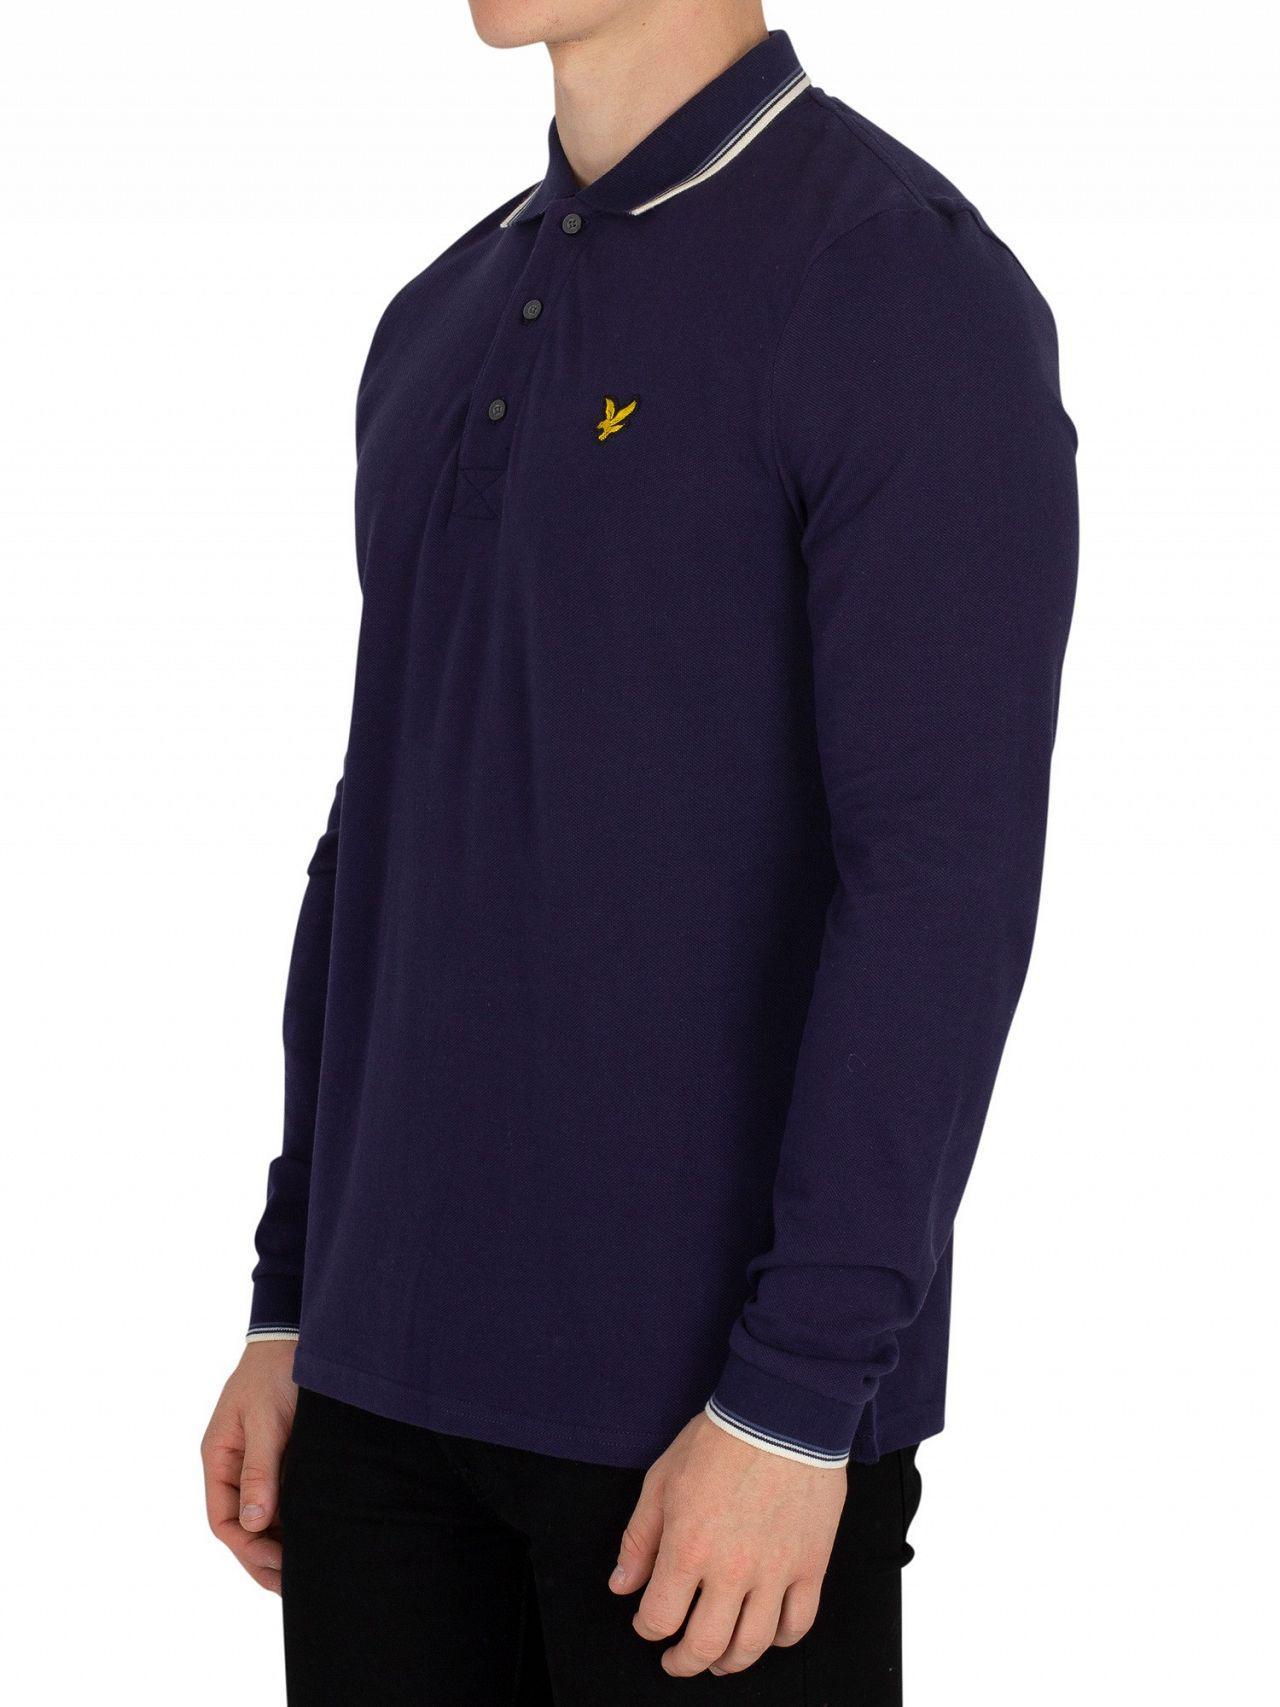 581552808c4 Lyle   Scott Navy Longsleeved Tipped Poloshirt in Blue for Men - Lyst